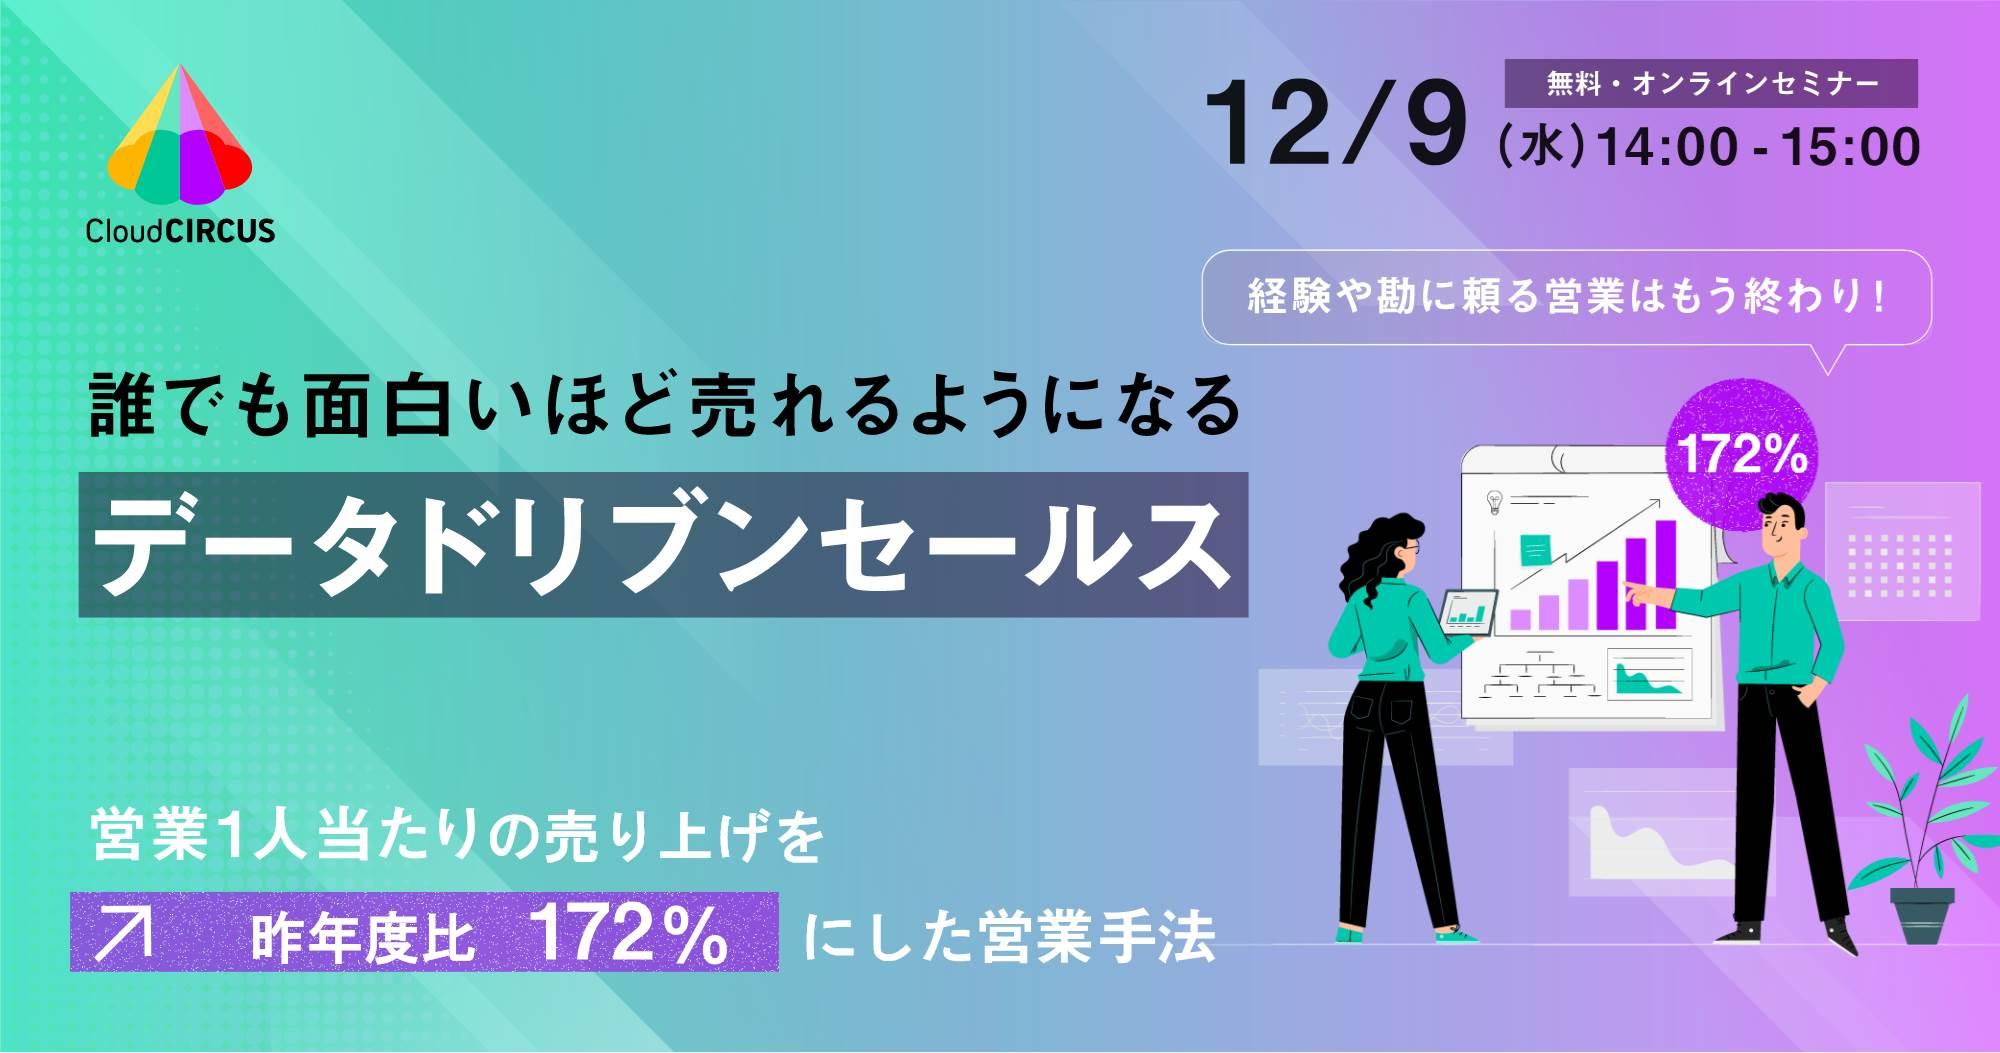 【12月9日(水)】誰でも面白いほど売れるようになるデータドリブンセールス ~営業1人当たりの売り上げを昨年対比172%にした営業手法~